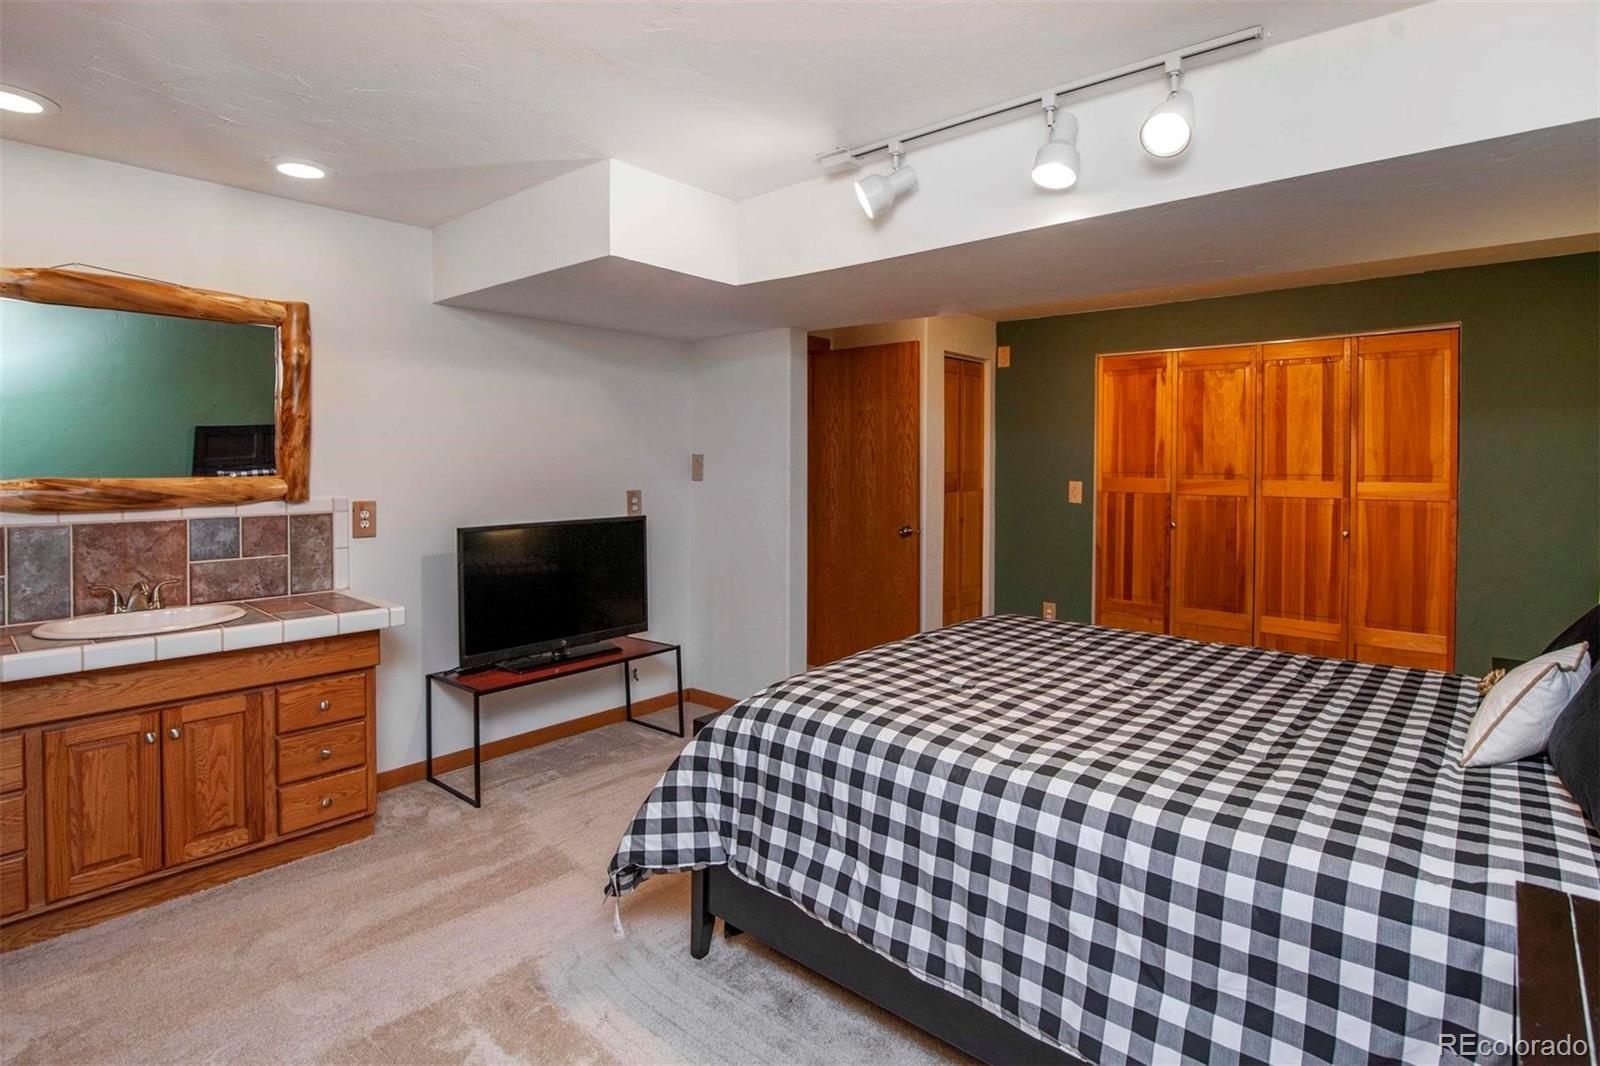 MLS# 2557627 - 13 - 487 Millionaire Drive, Boulder, CO 80302